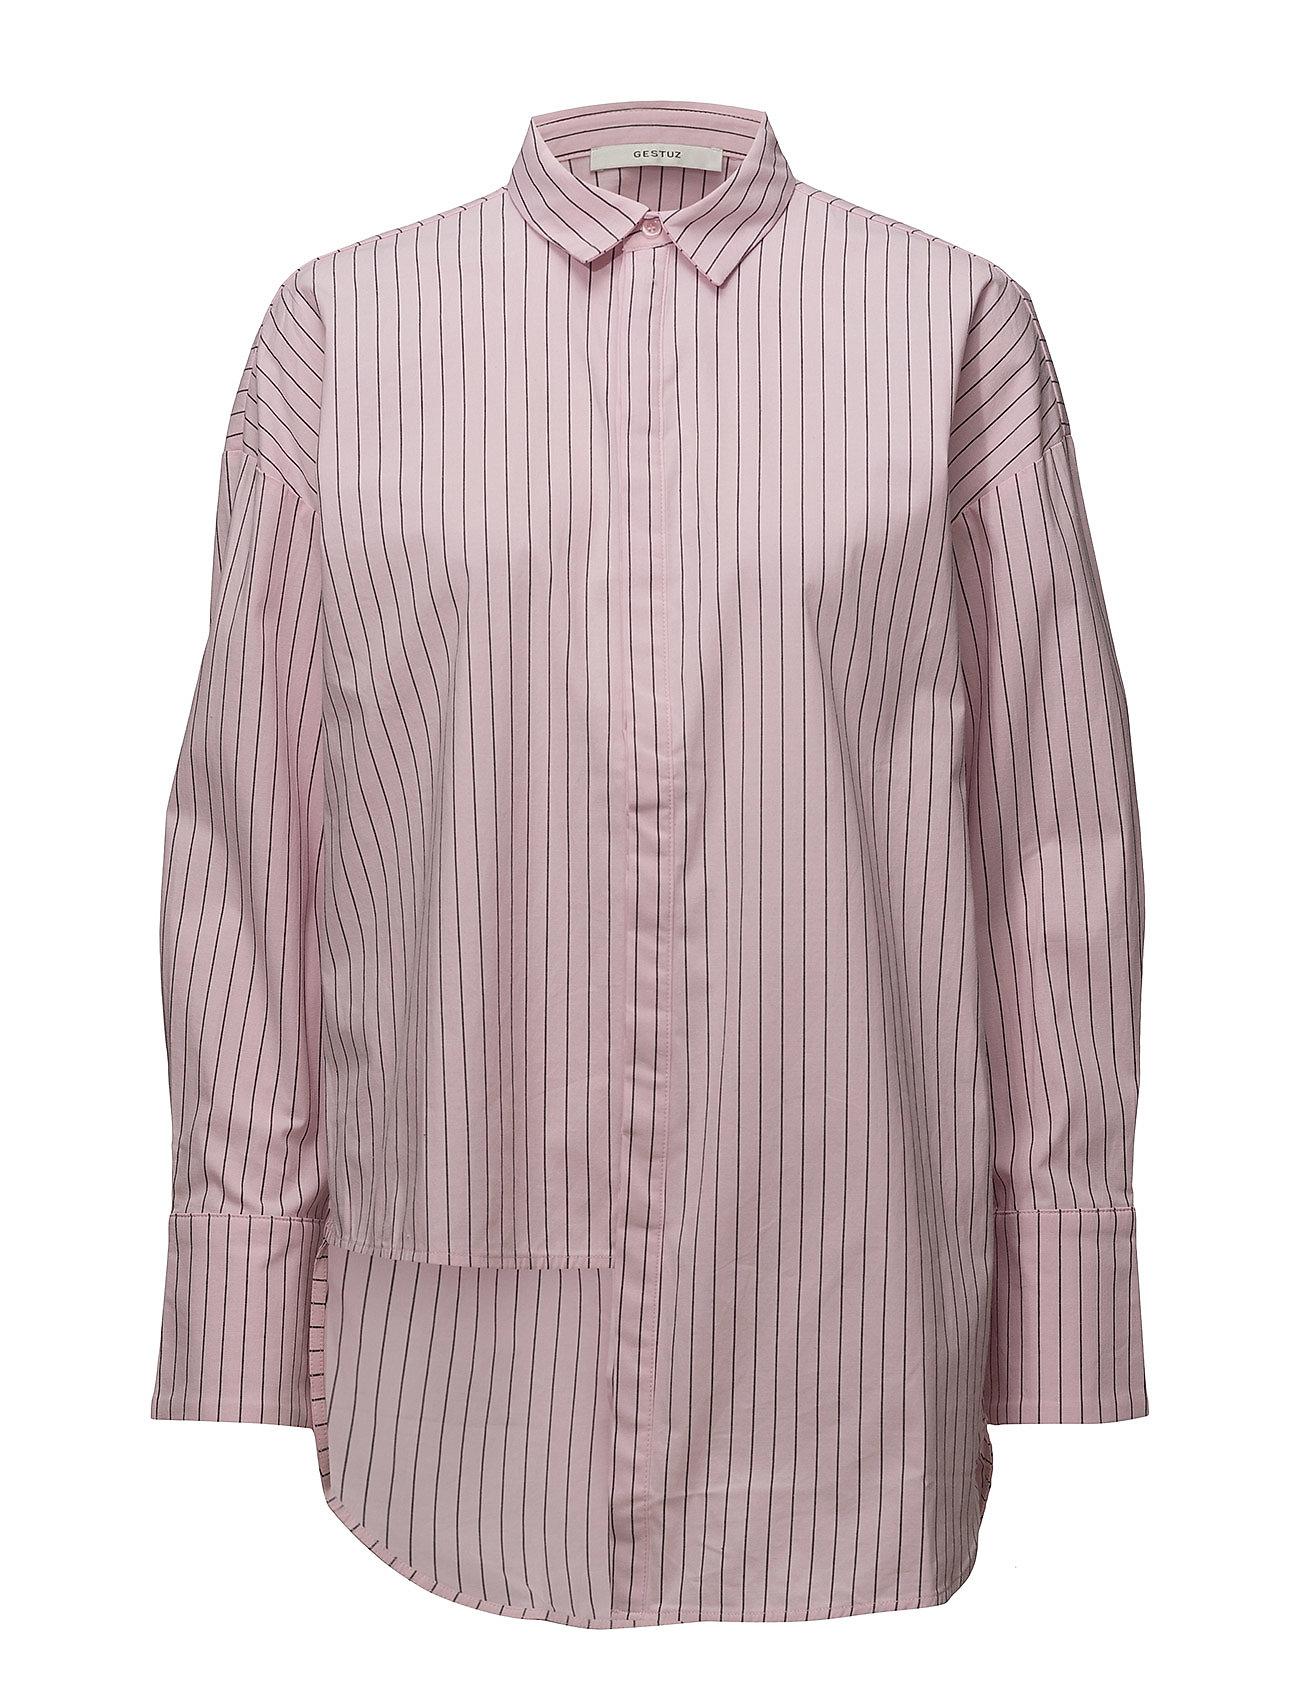 Image of Amati Shirt So18 (2877166187)